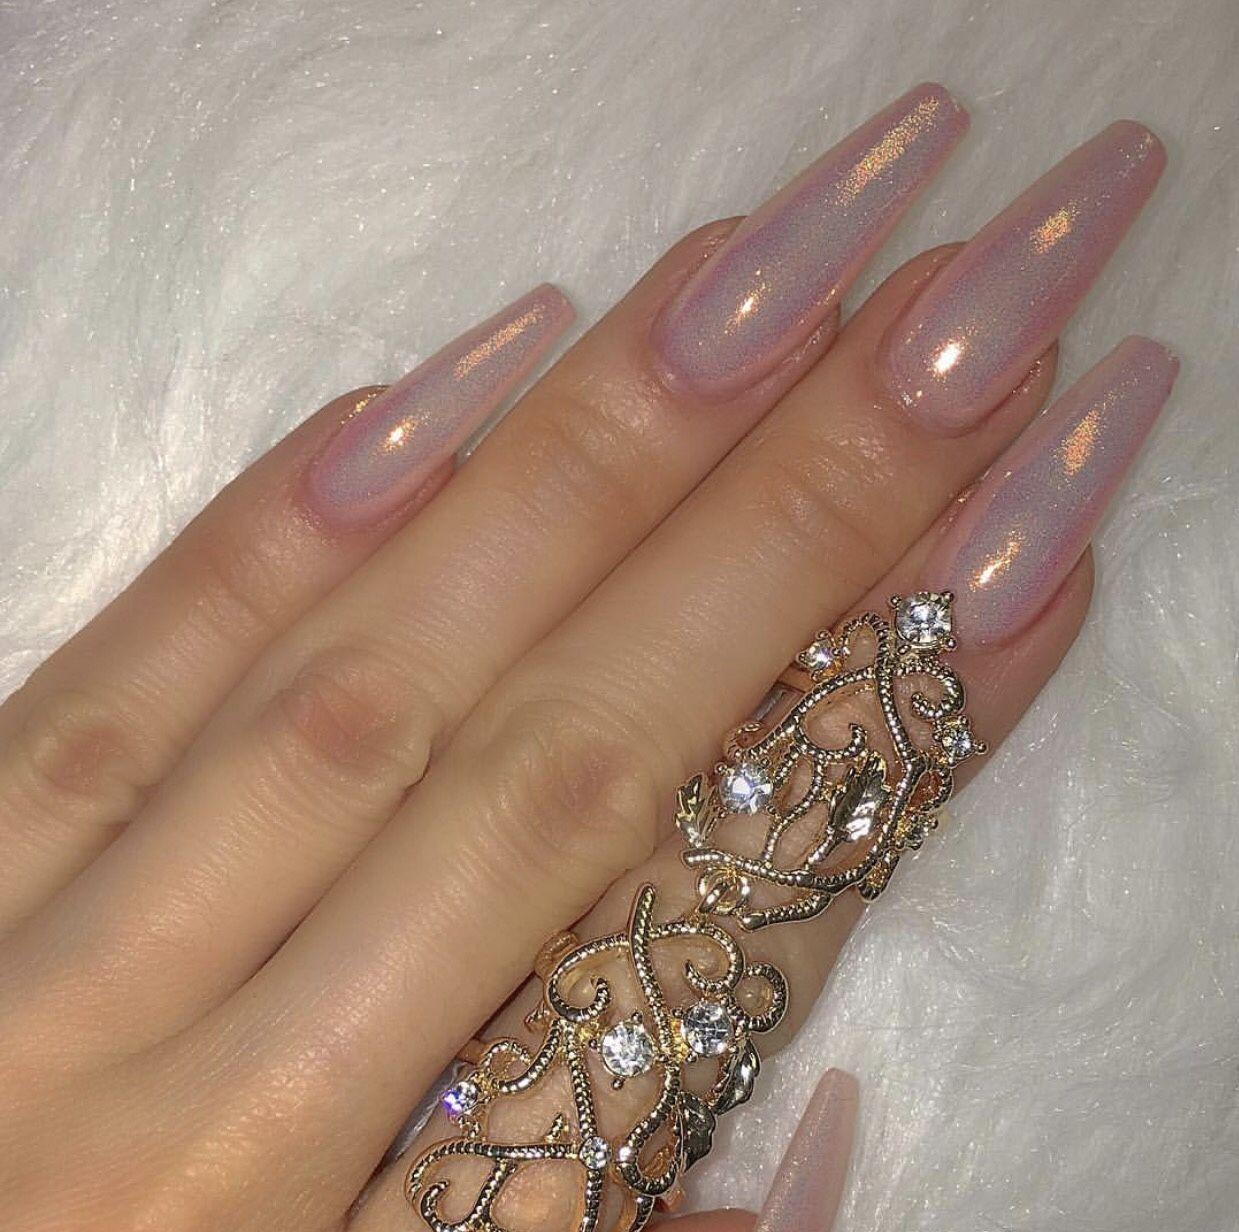 shawtytoothick ♕ | | Nails ✩ | Pinterest | Nail nail, Makeup and ...